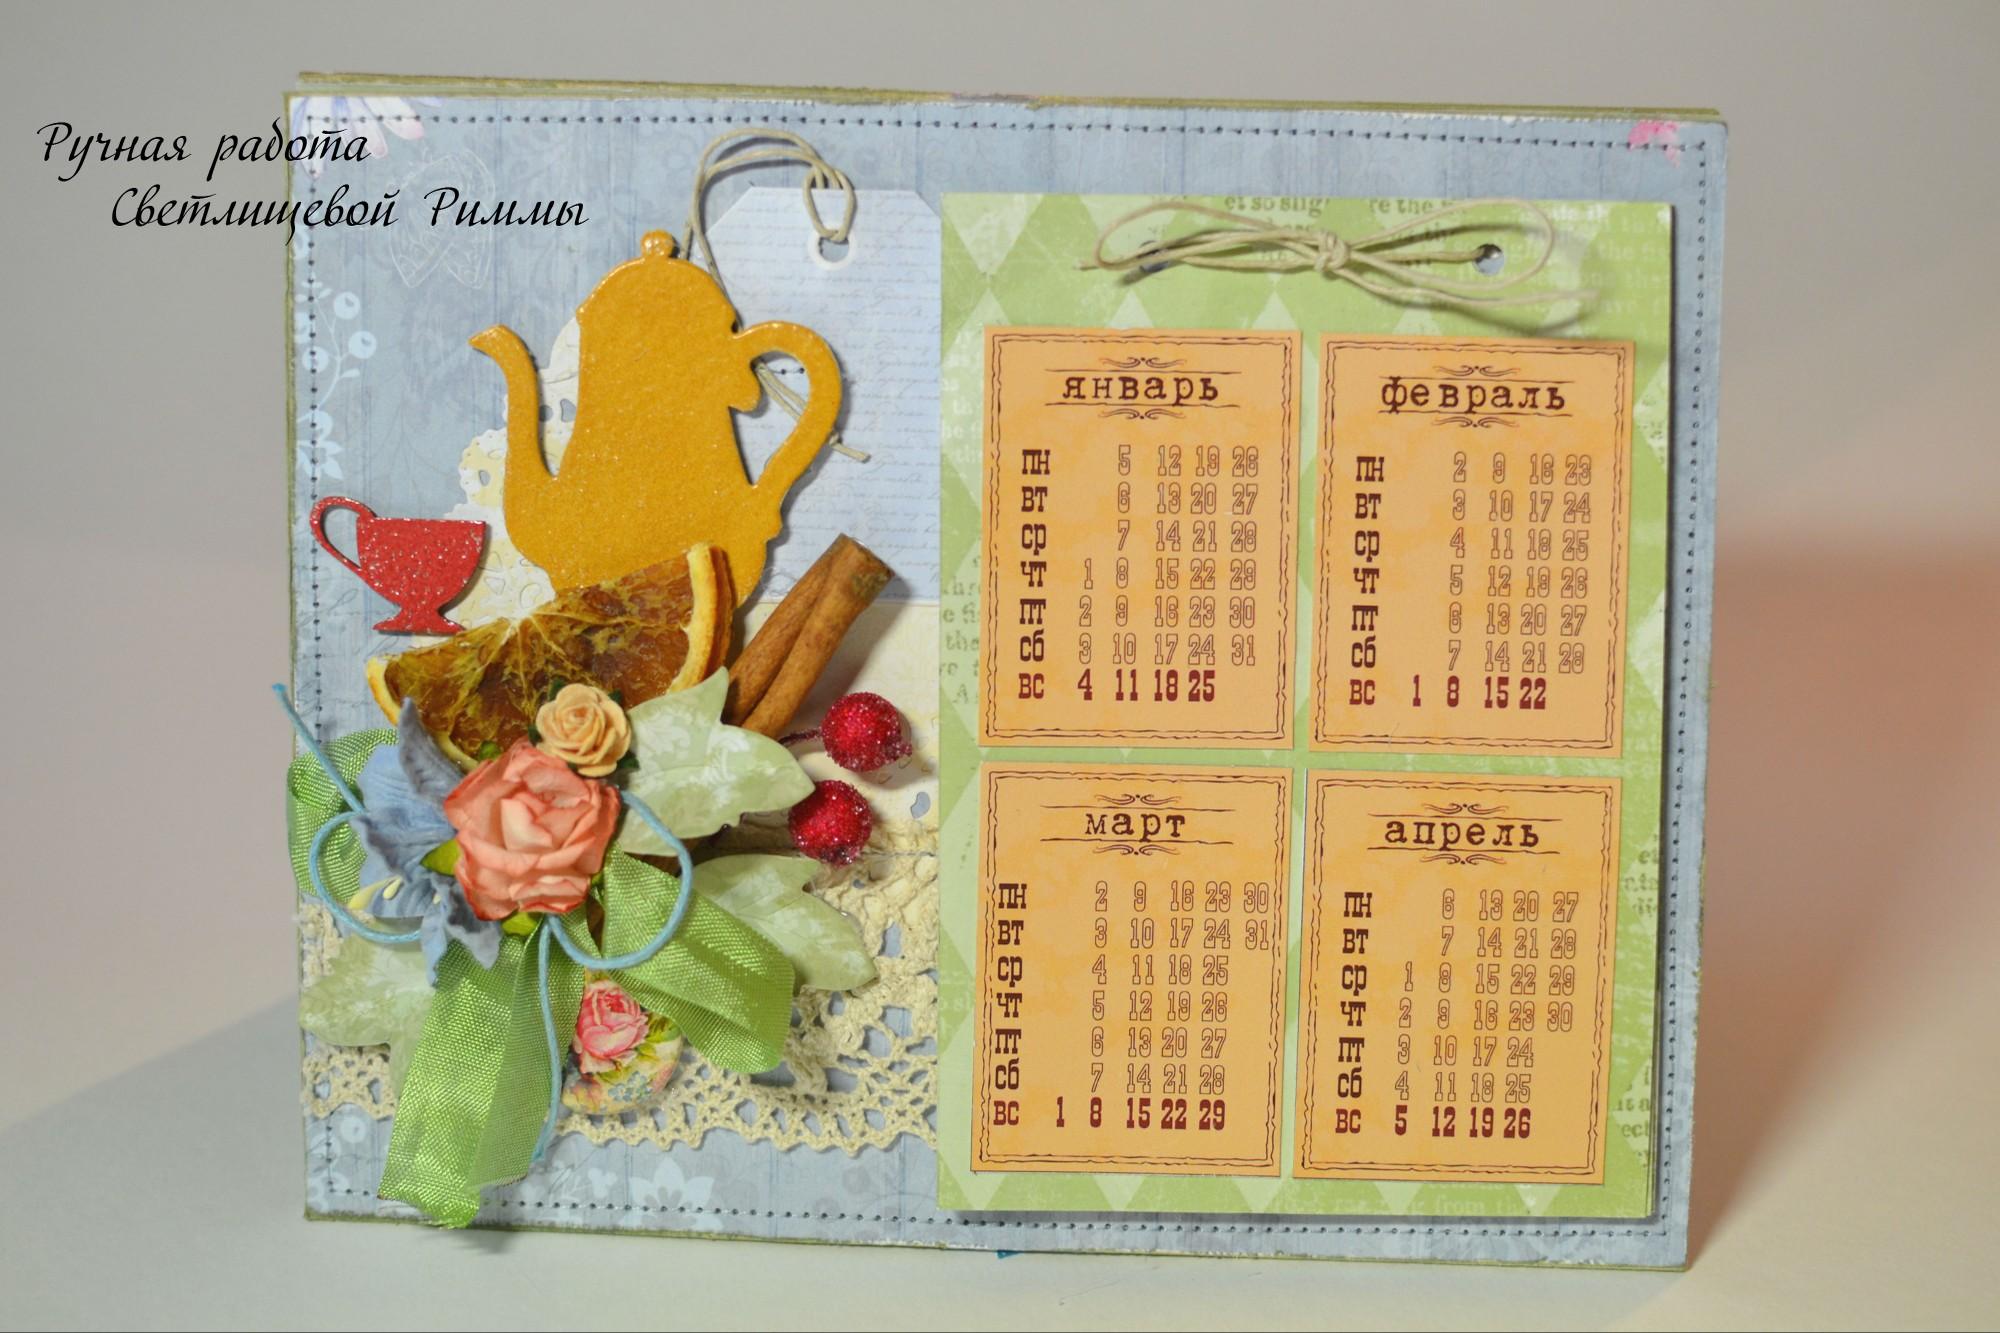 """Настольный календарь """"Чаепитие"""" - 900 руб Своими руками, сайт, где купить"""